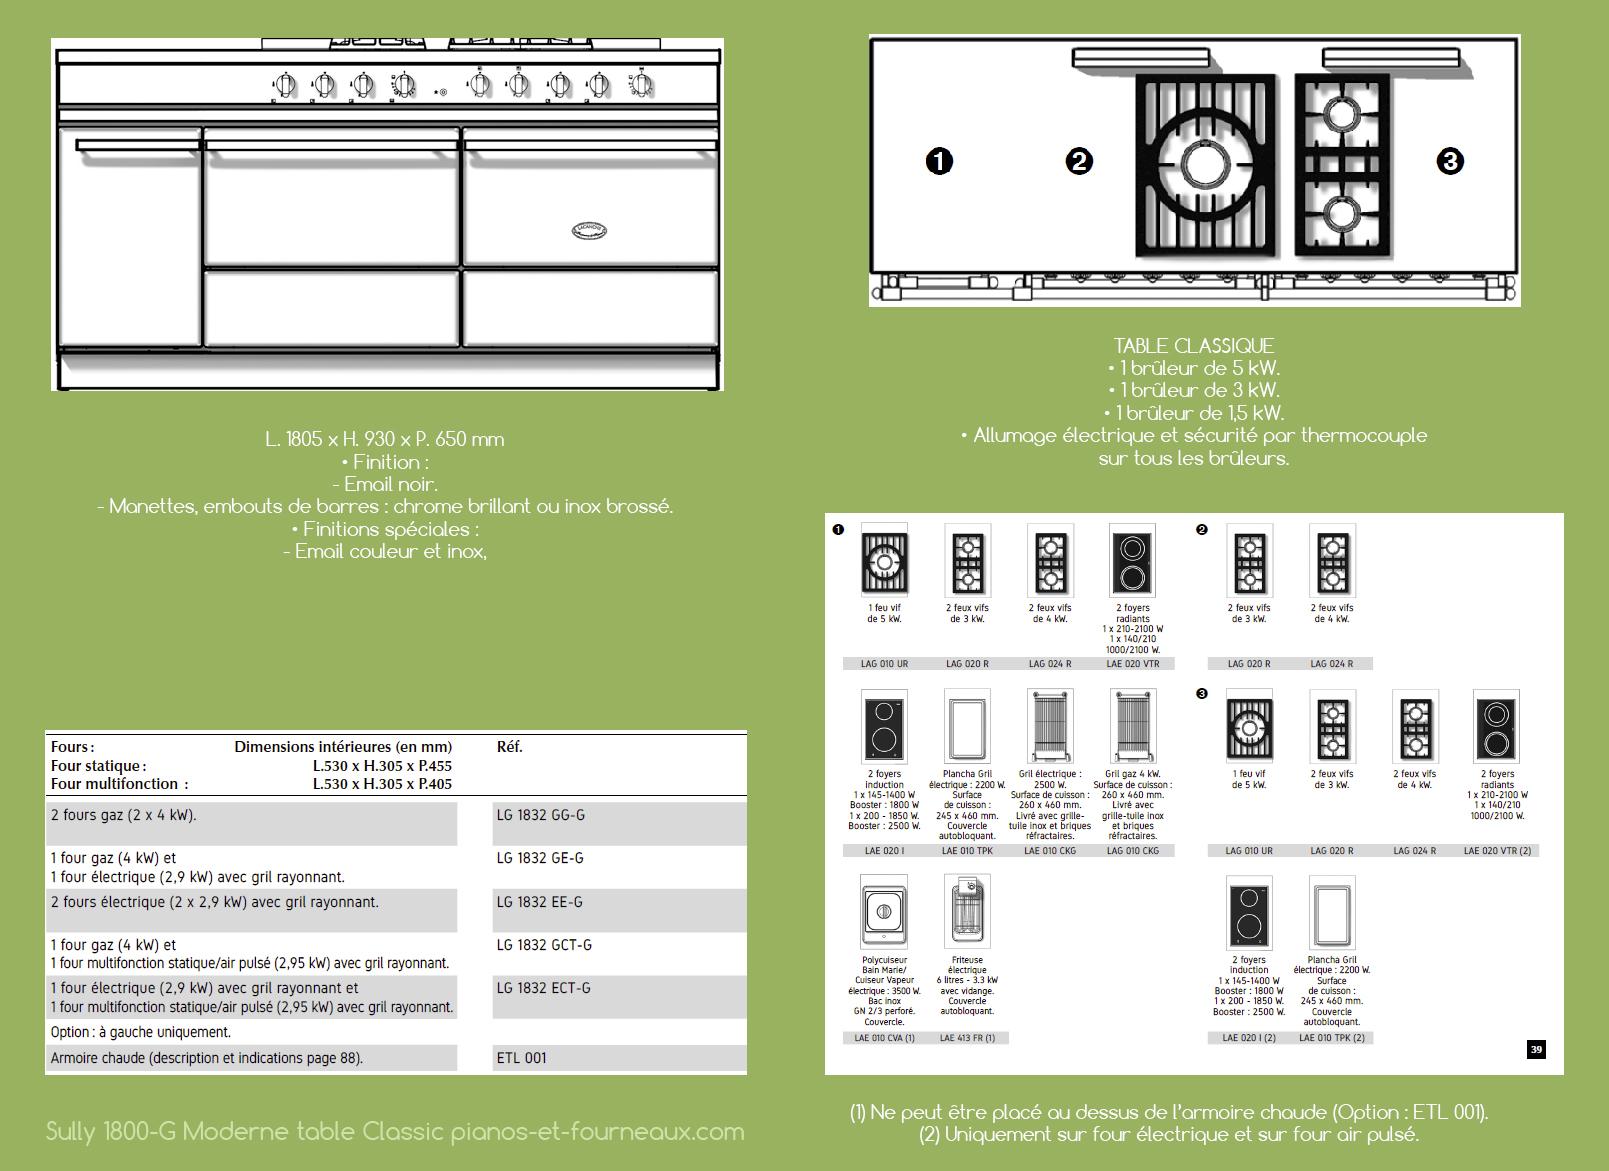 Sully 1800 G Moderne Classique configurations possibles - pianos-et-fourneaux.com le spécialiste des pianos de cuisine et fourneaux de cuisson Lacanche